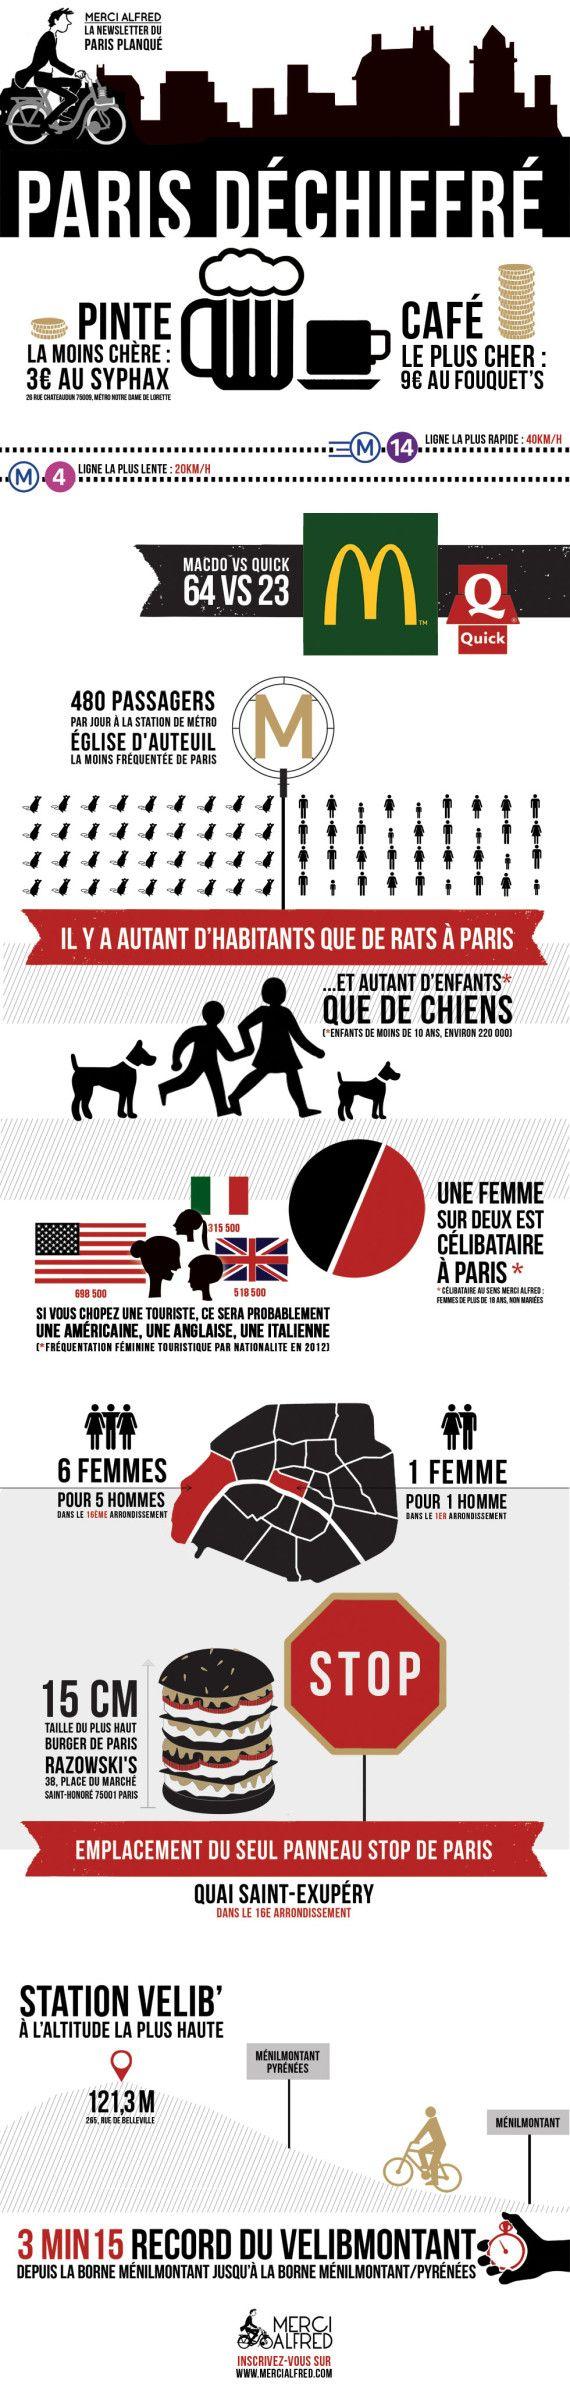 La vie parisienne en quelques chiffres